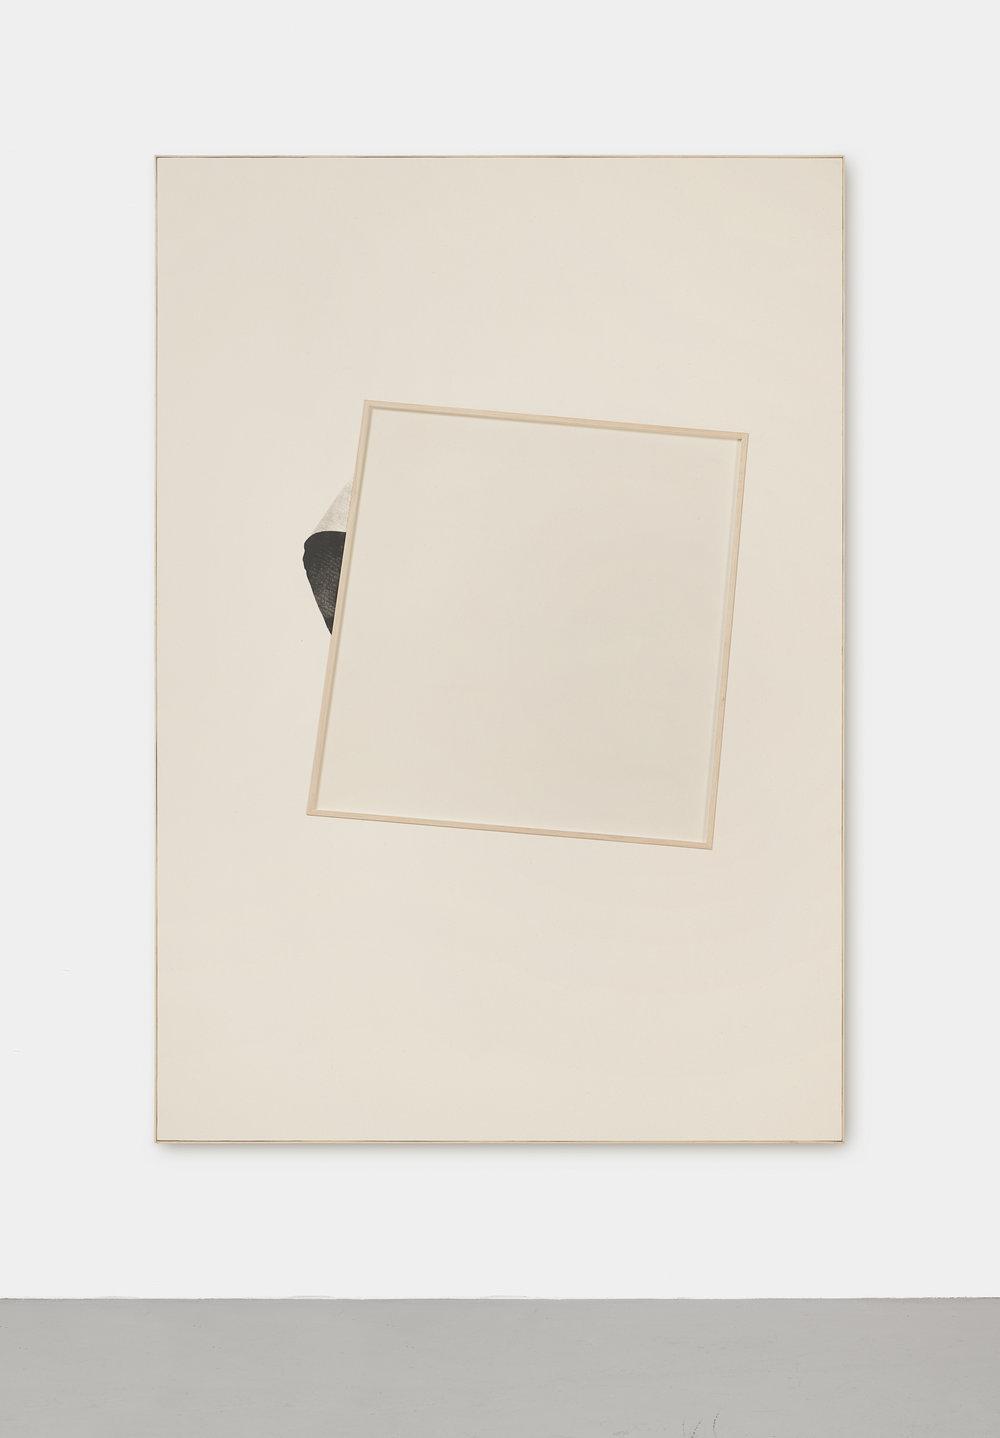 Le soleil se lève derrière l'abstraction, VI | 2015 | Gouache Siebdruck, Leinen hinter Glas, Künstlerrahmung | 200 x 140 x 4.5 cm | ©GALERIE ALBER